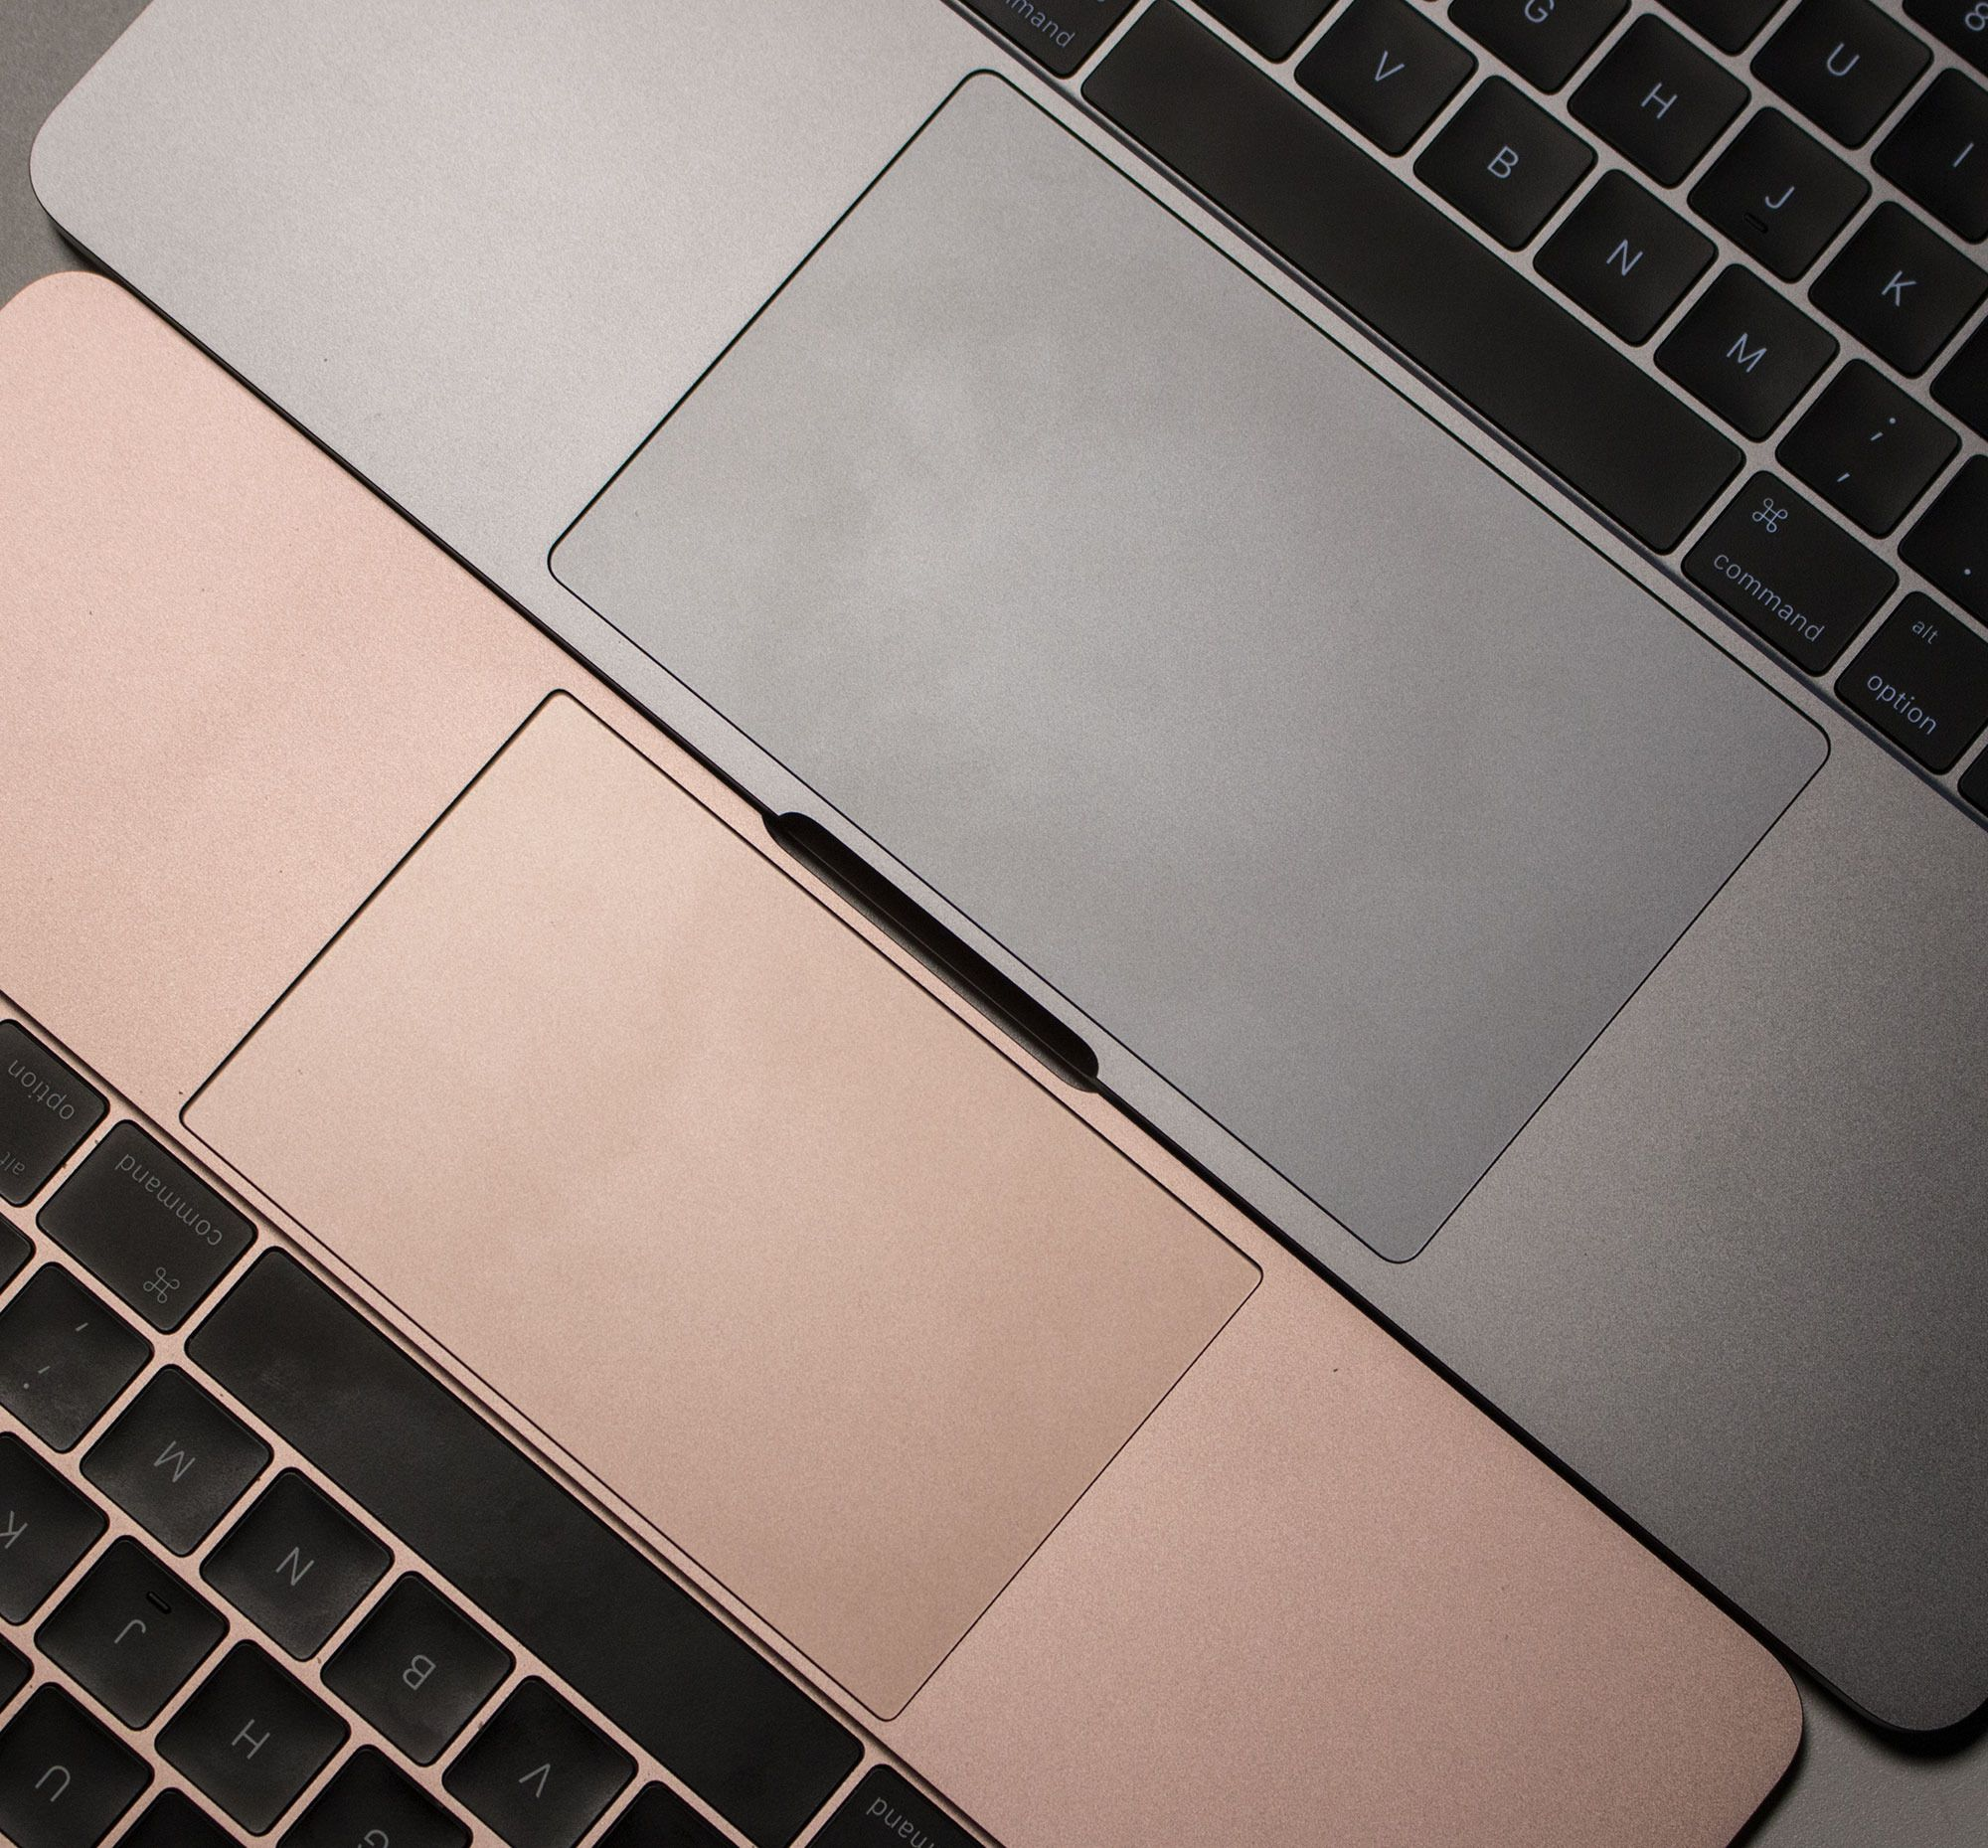 Pekeplaten har blitt omtrent dobbelt så stor som hos MacBook Pro 2015. Her sammenlignet med MacBook 2016, som også byr på en stor pekeplate.